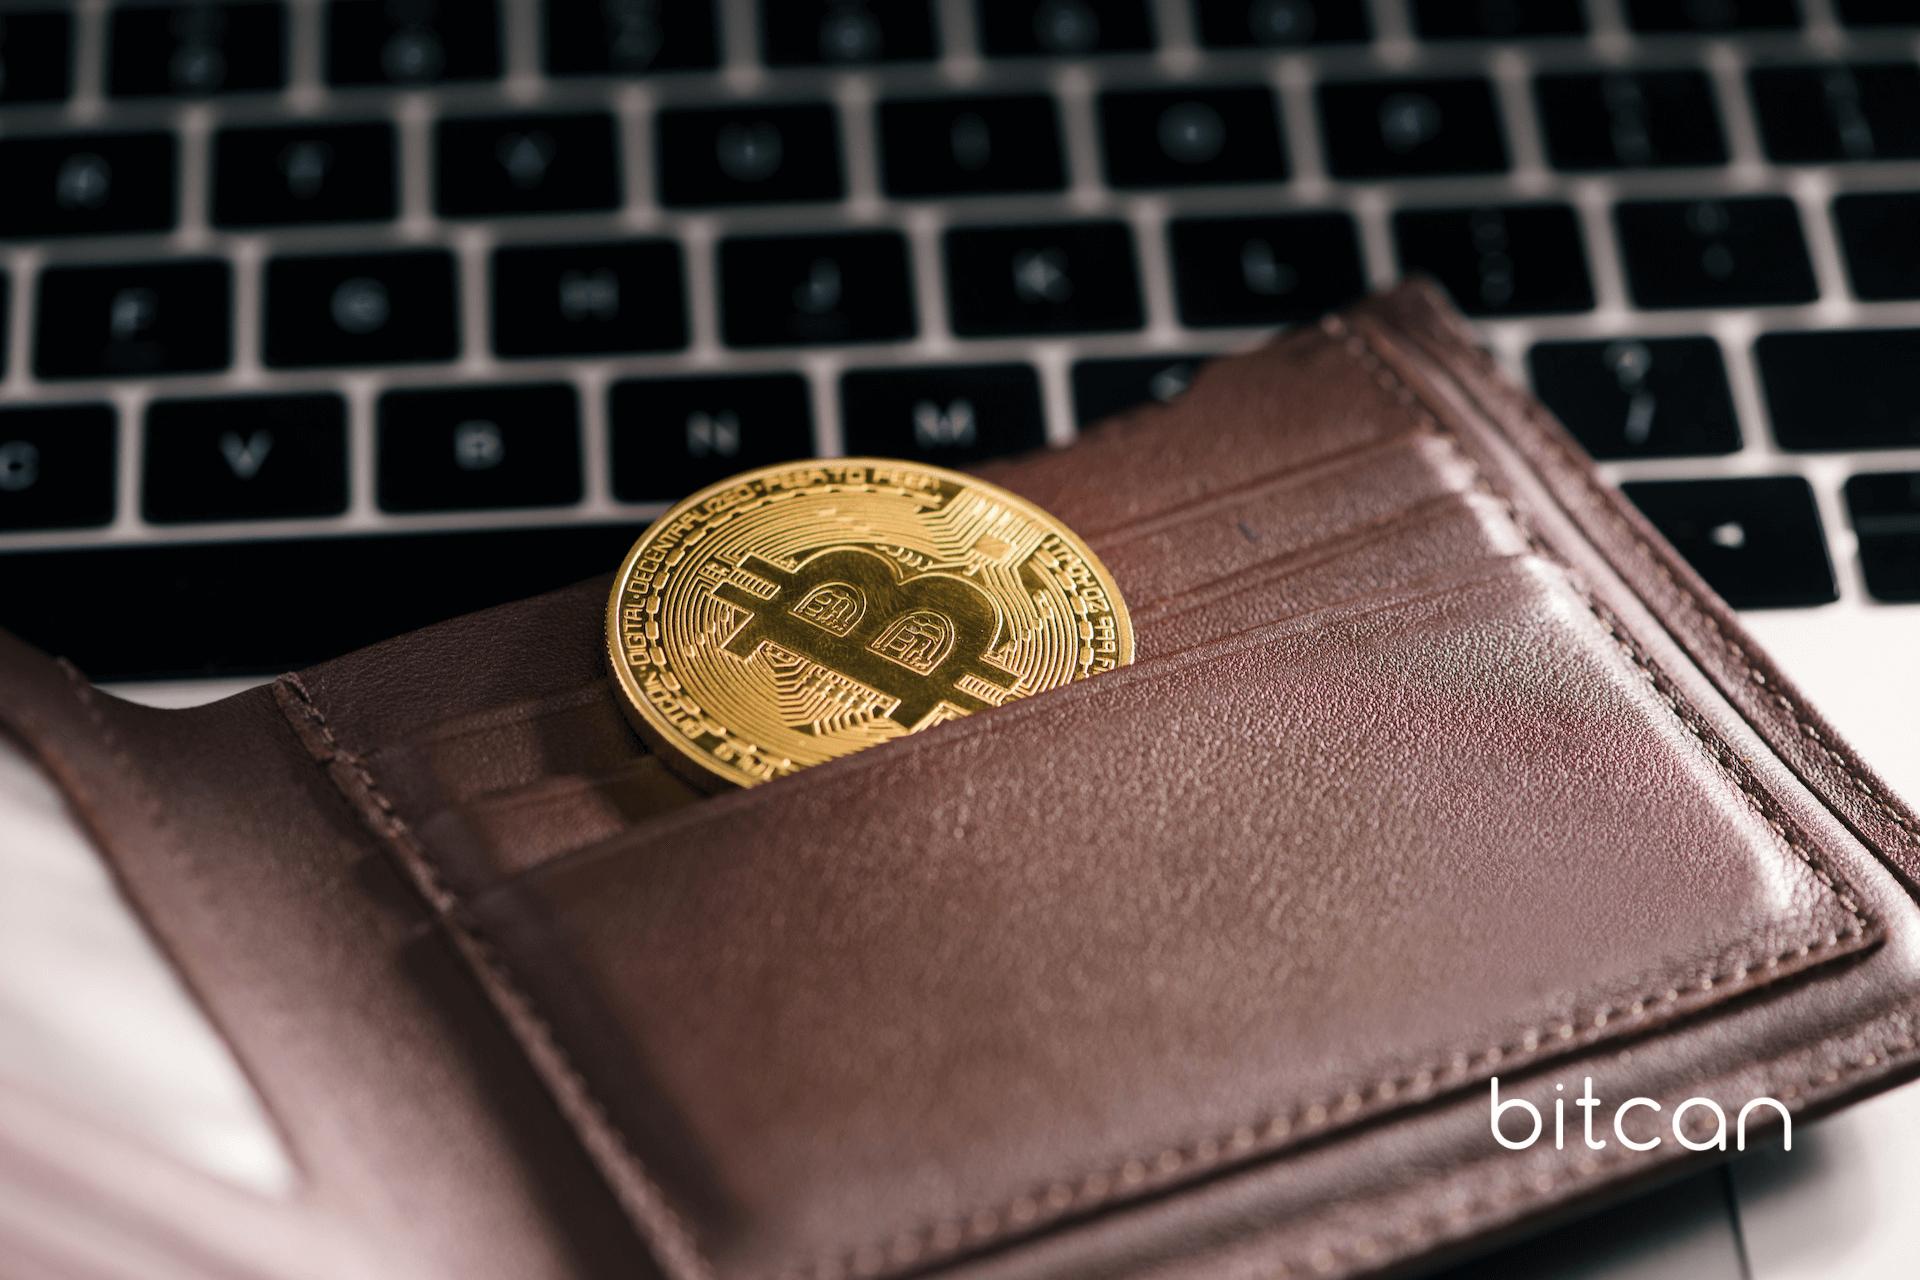 Portfele kryptowalutowe — najpopularniejsze portfele do bitcoina (przegląd portfeli różnych rodzajów)